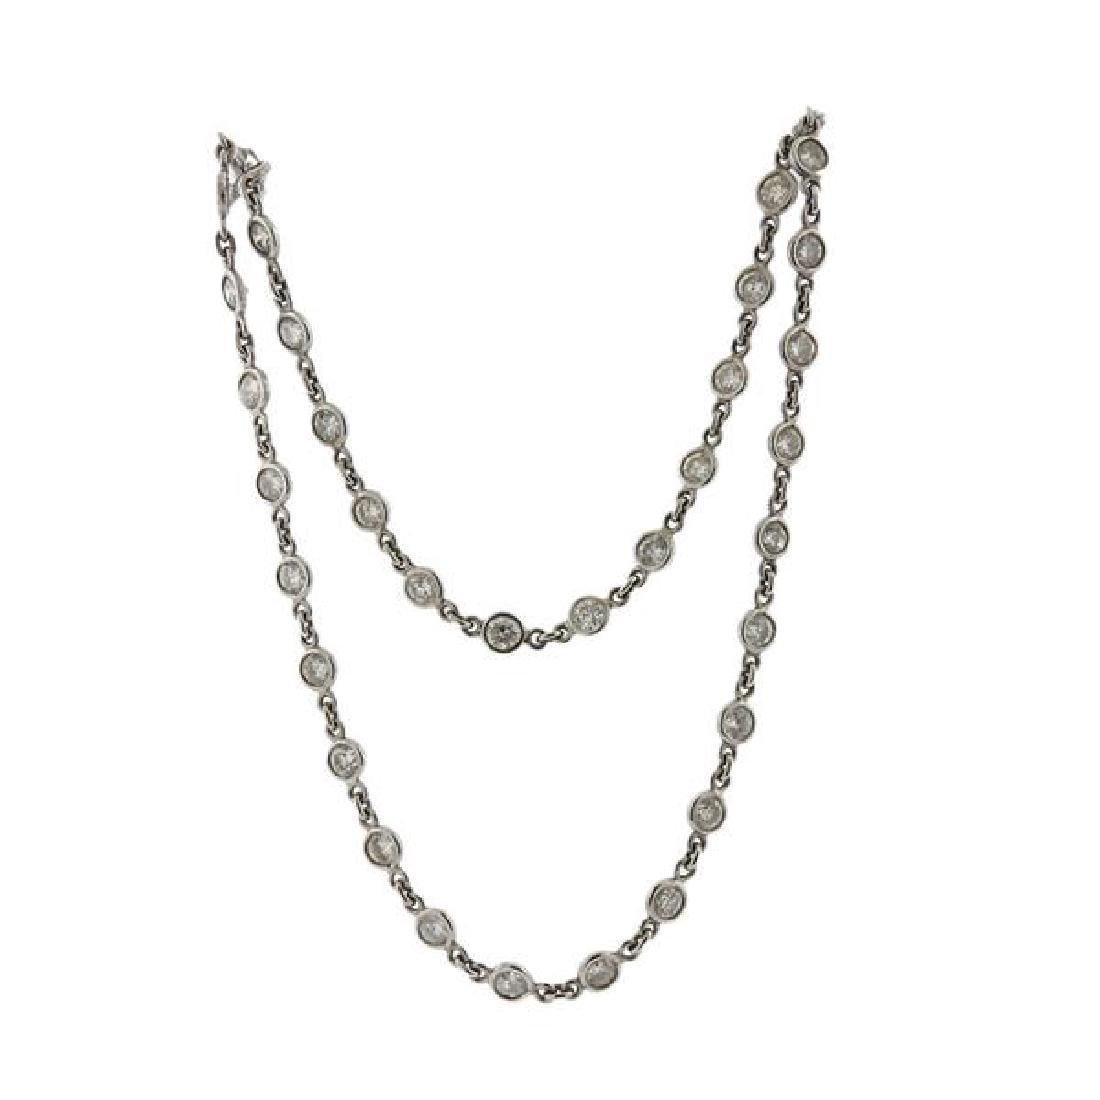 14k Gold Diamond Station Necklace - 2